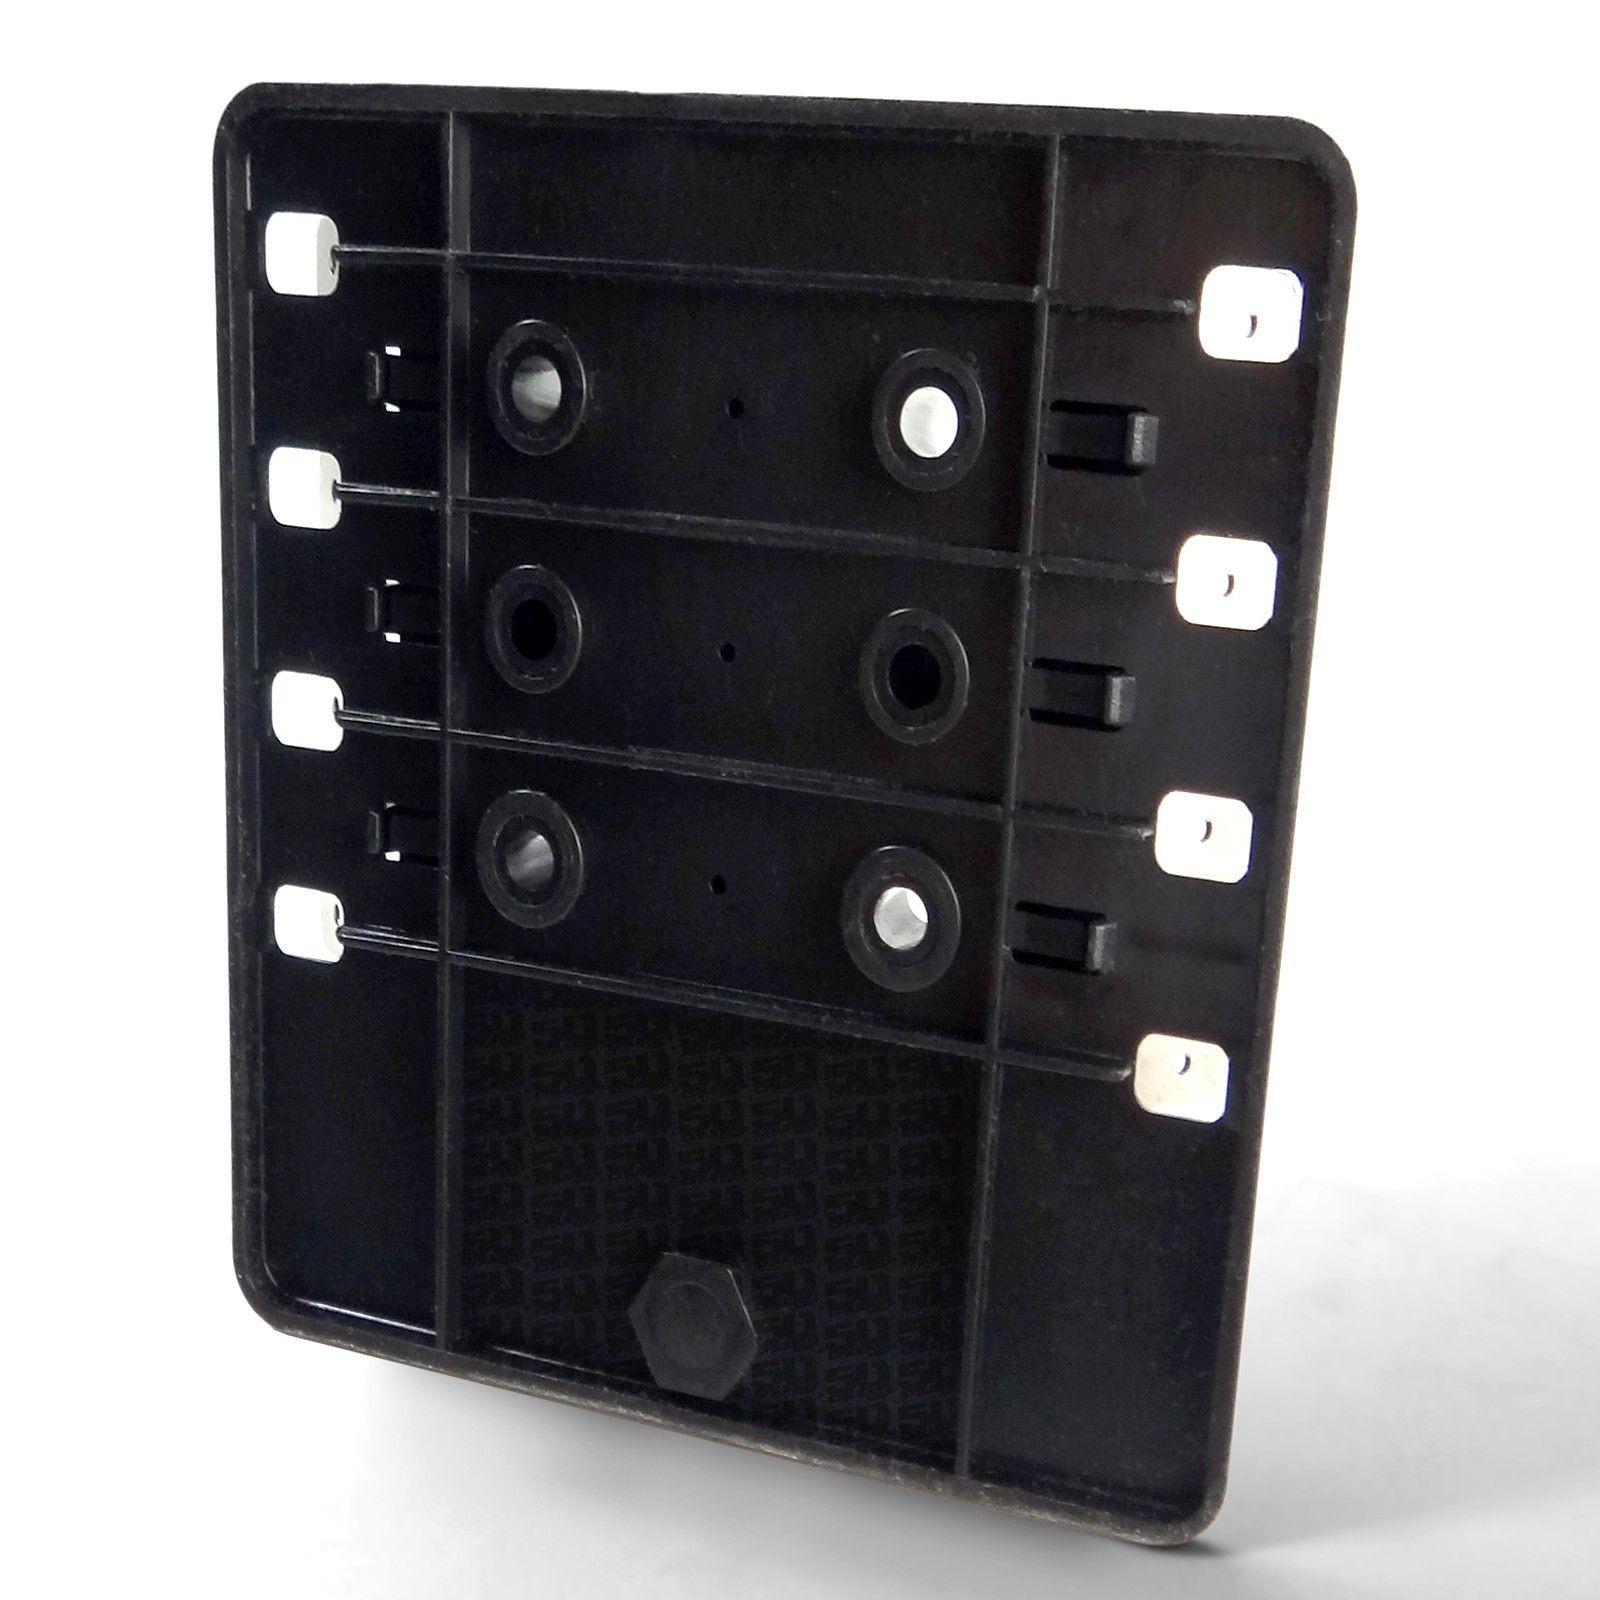 ... 8 Way Fuse Block - Screw Terminals - LED Indicators